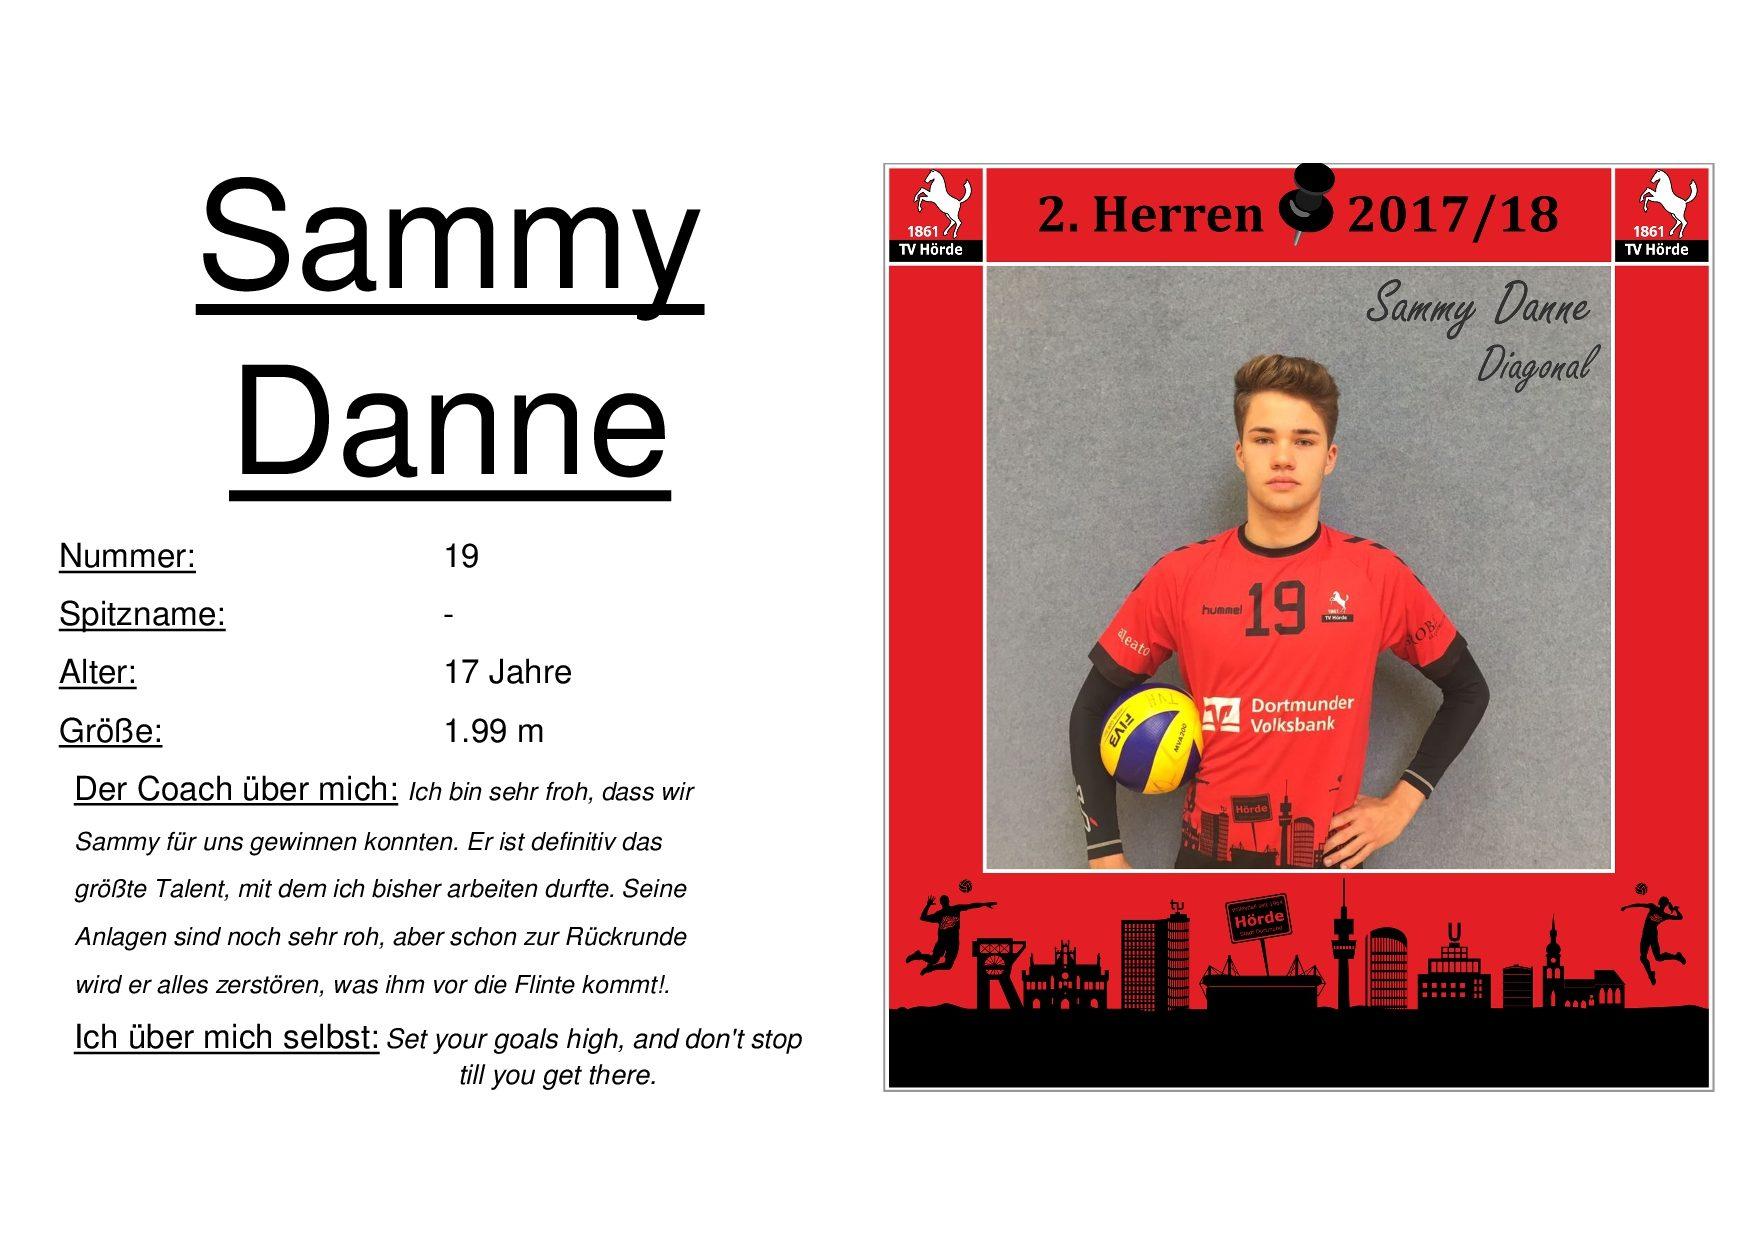 Sammy Danne